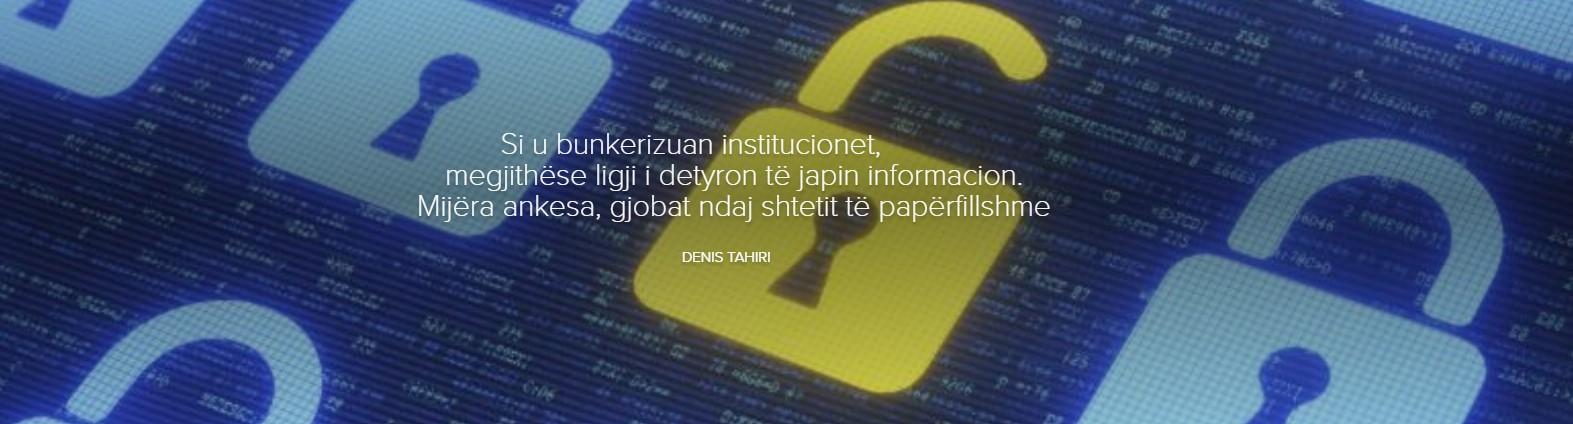 Si u bunkerizuan institucionet, megjithëse ligji i detyron të japin informacion. Mijëra ankesa, gjobat ndaj shtetit të papërfillshme